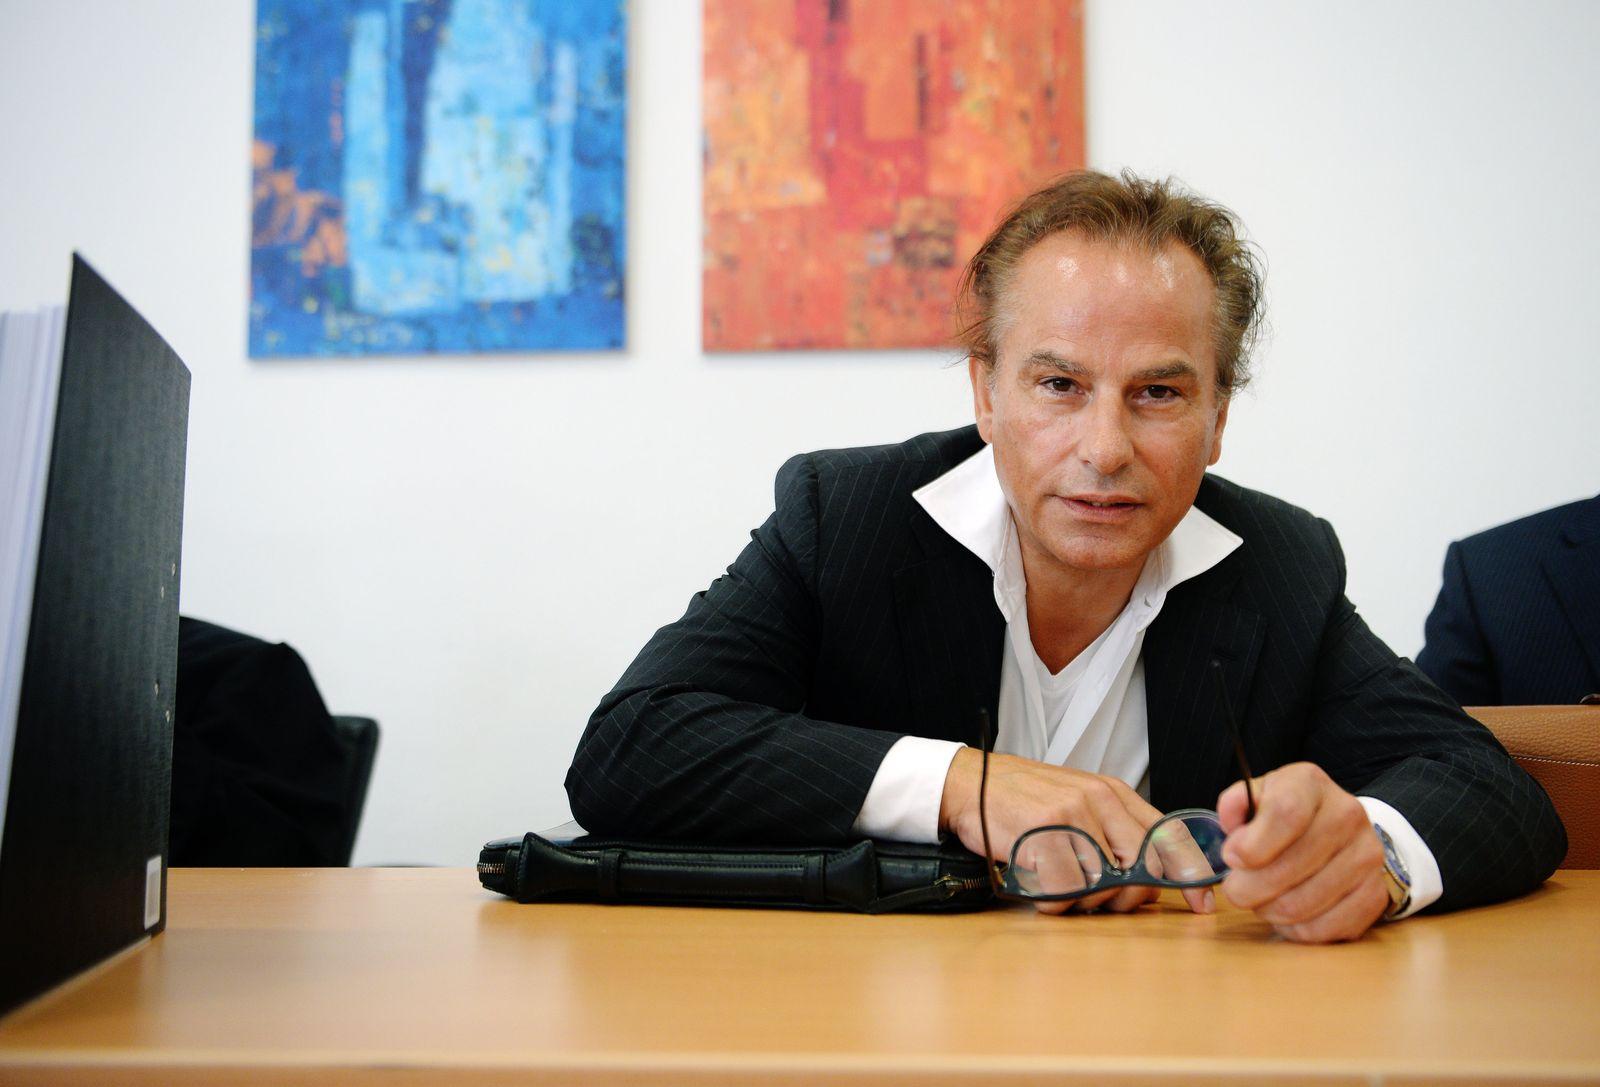 Hans Barlach